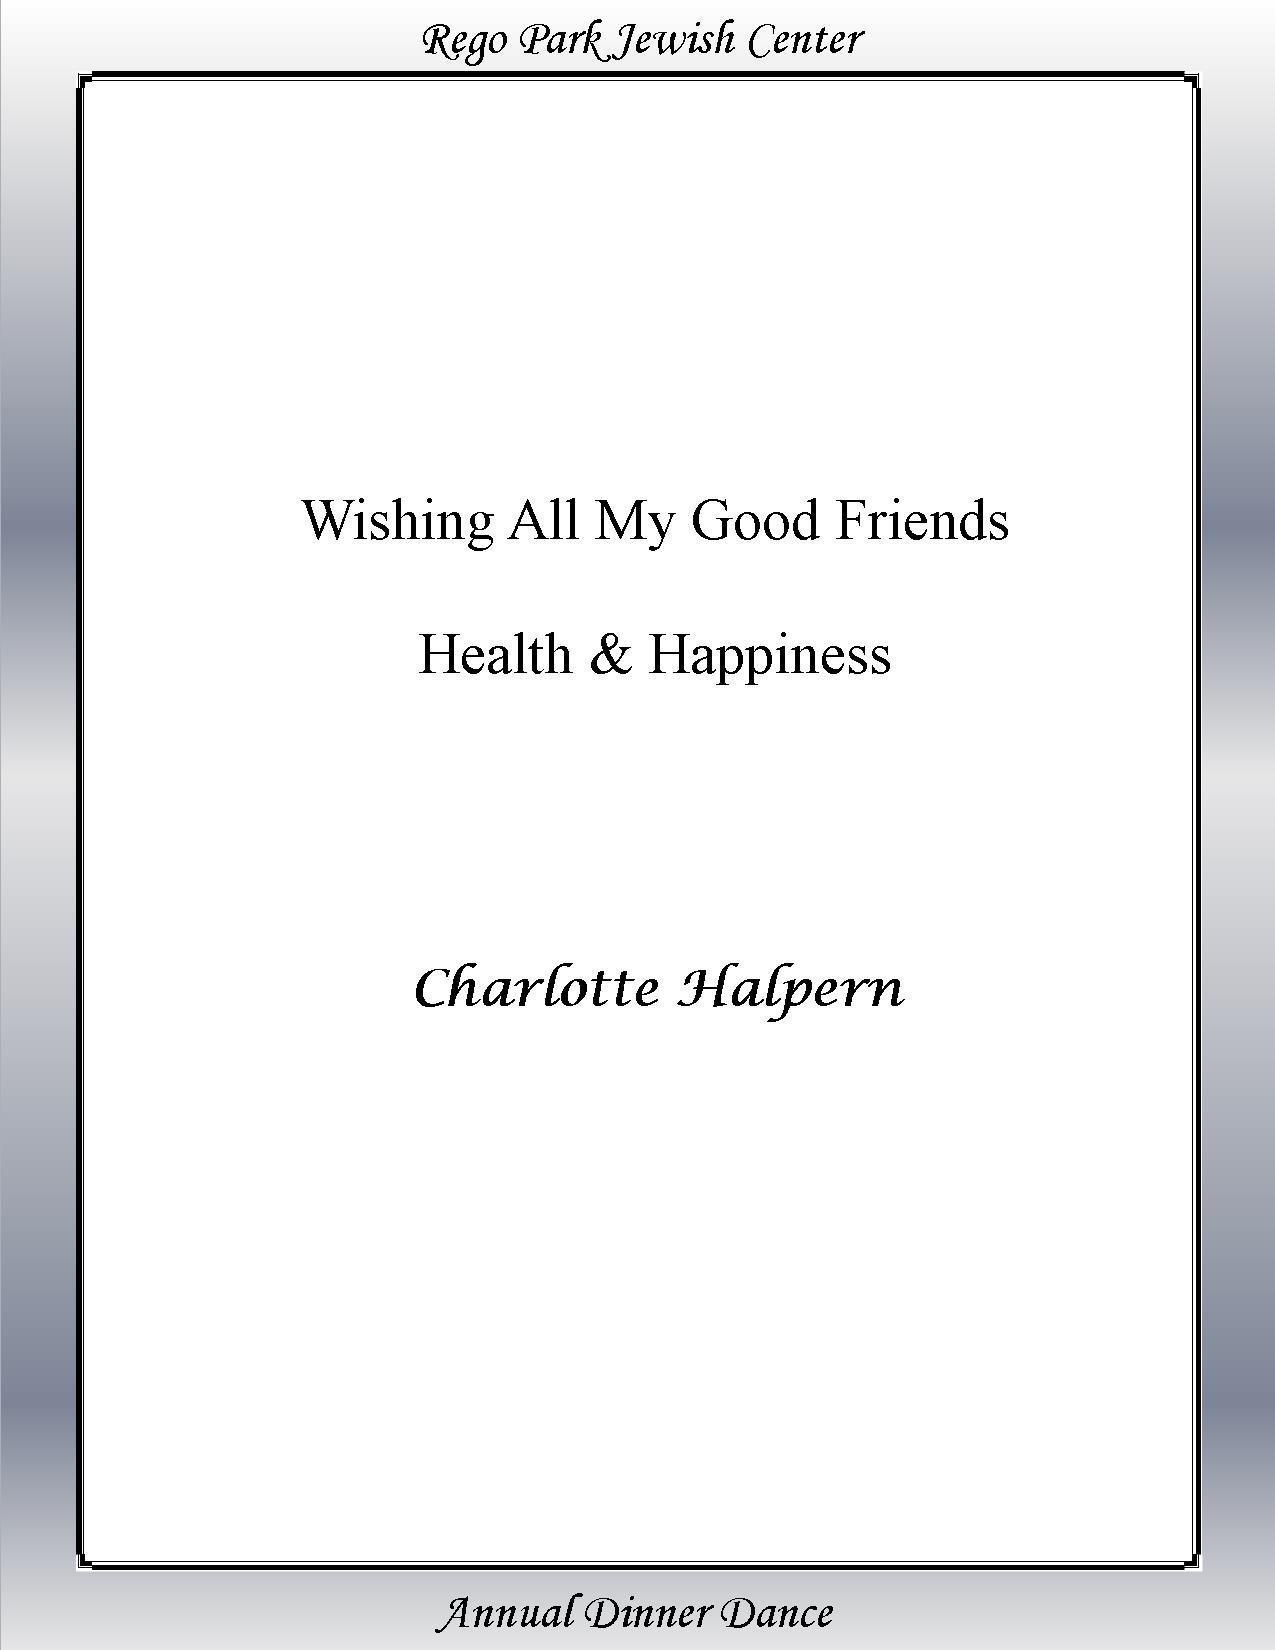 Silver Halpern Friends page 24 - Copy.jpg